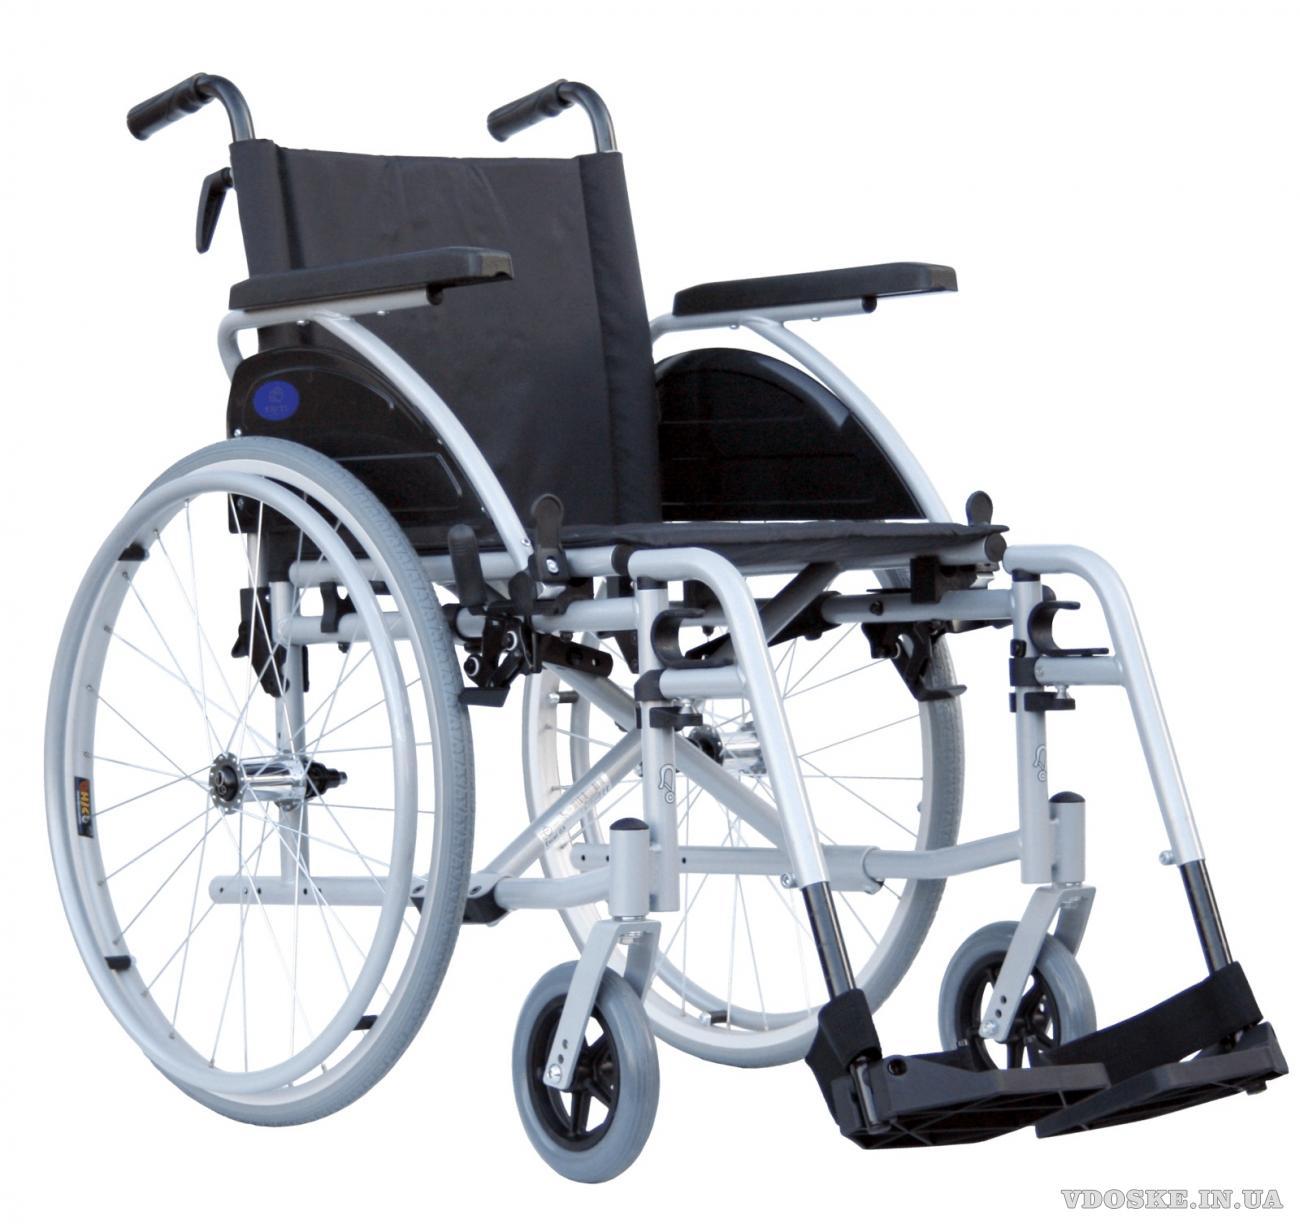 Аренда инвалидных колясок в Киеве